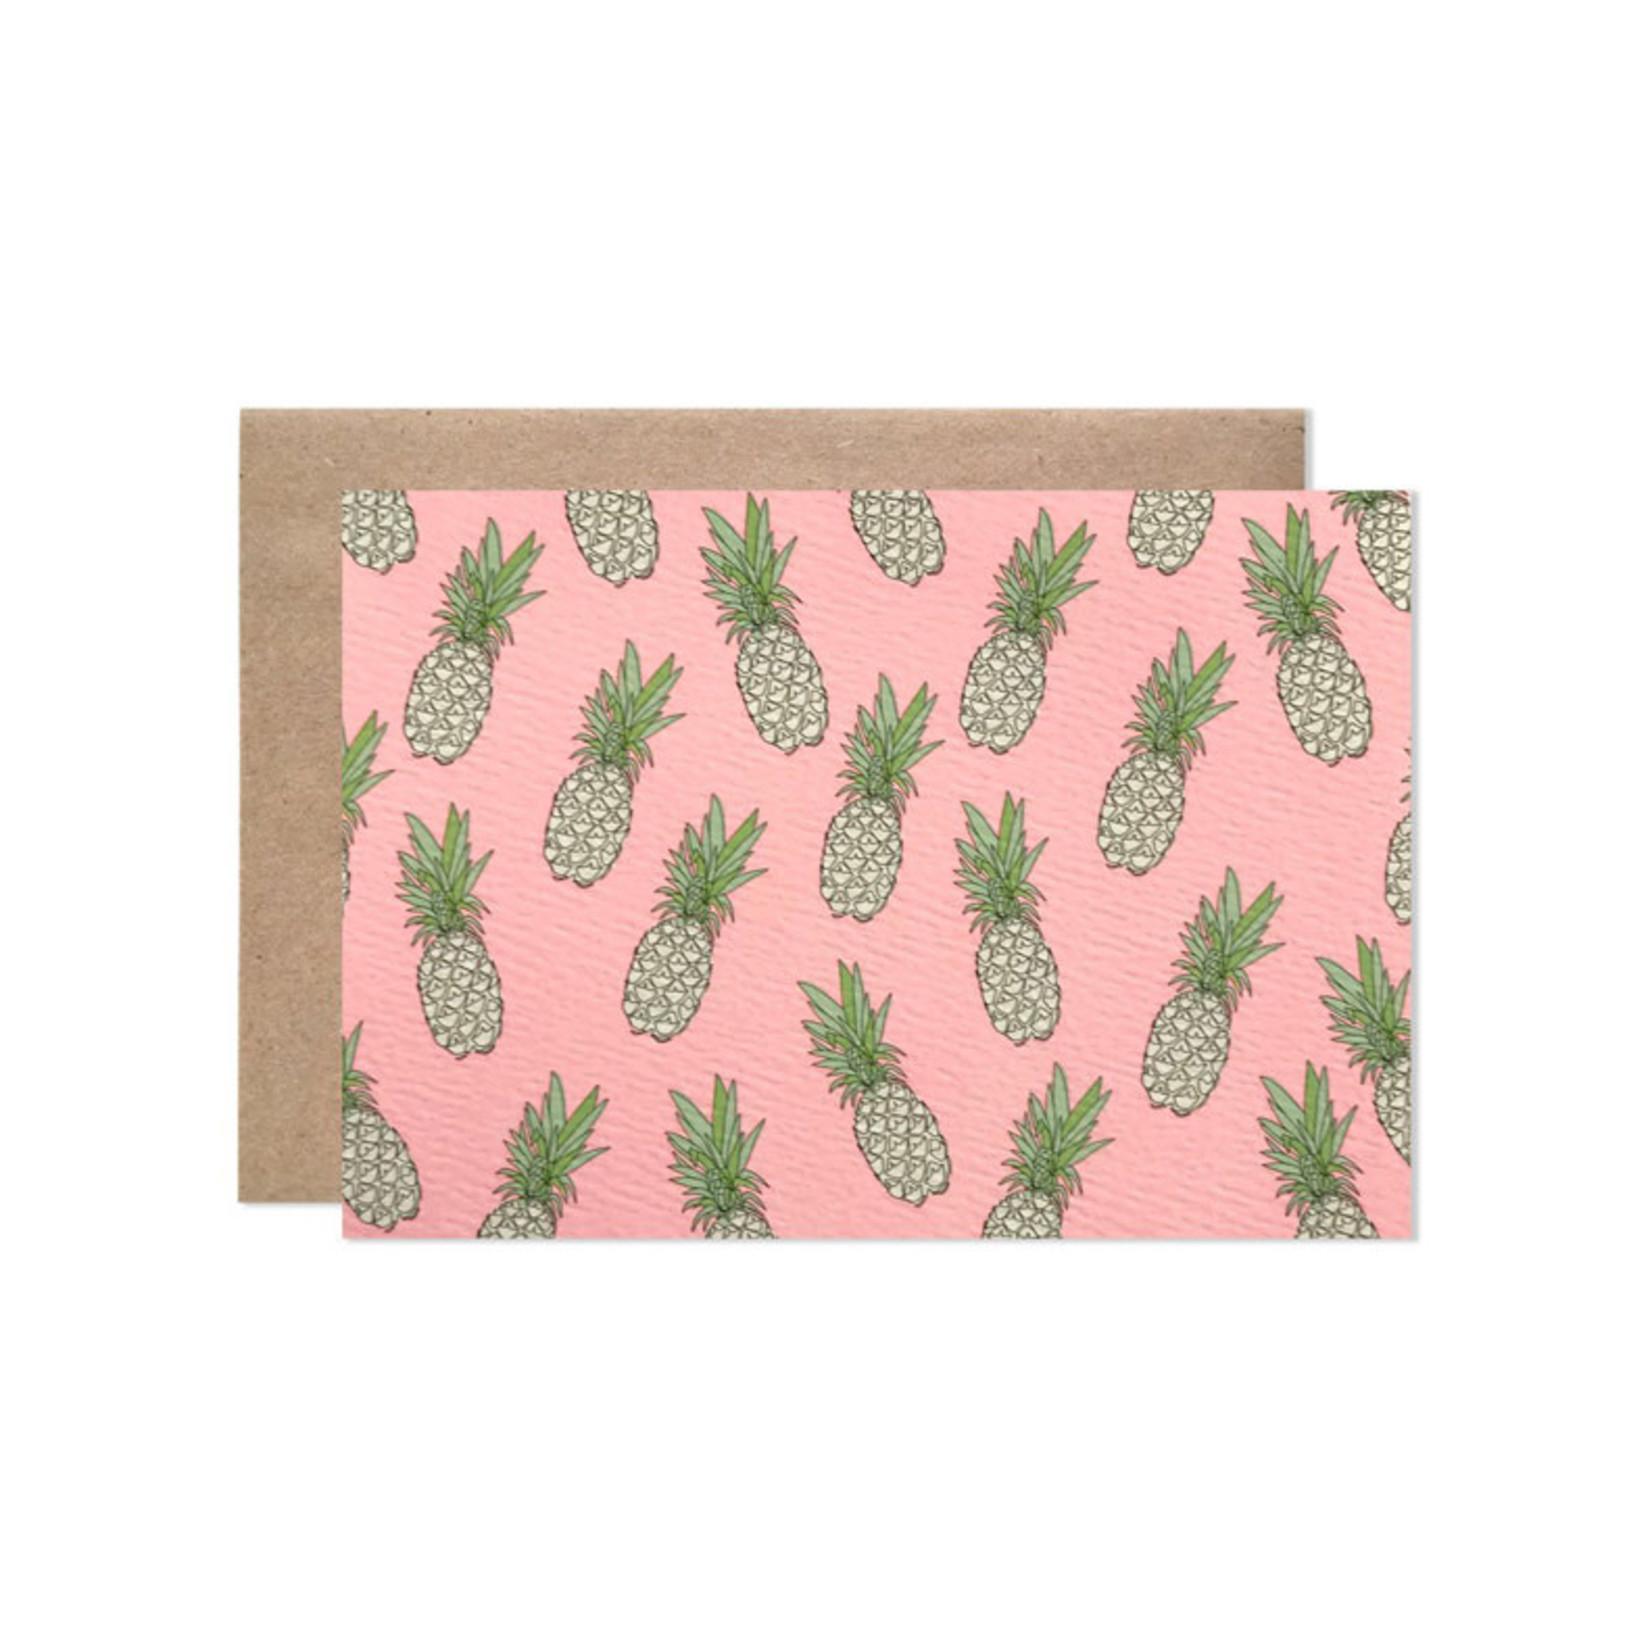 Hartland Brooklyn Hartland Brooklyn Pineapple Folding Note